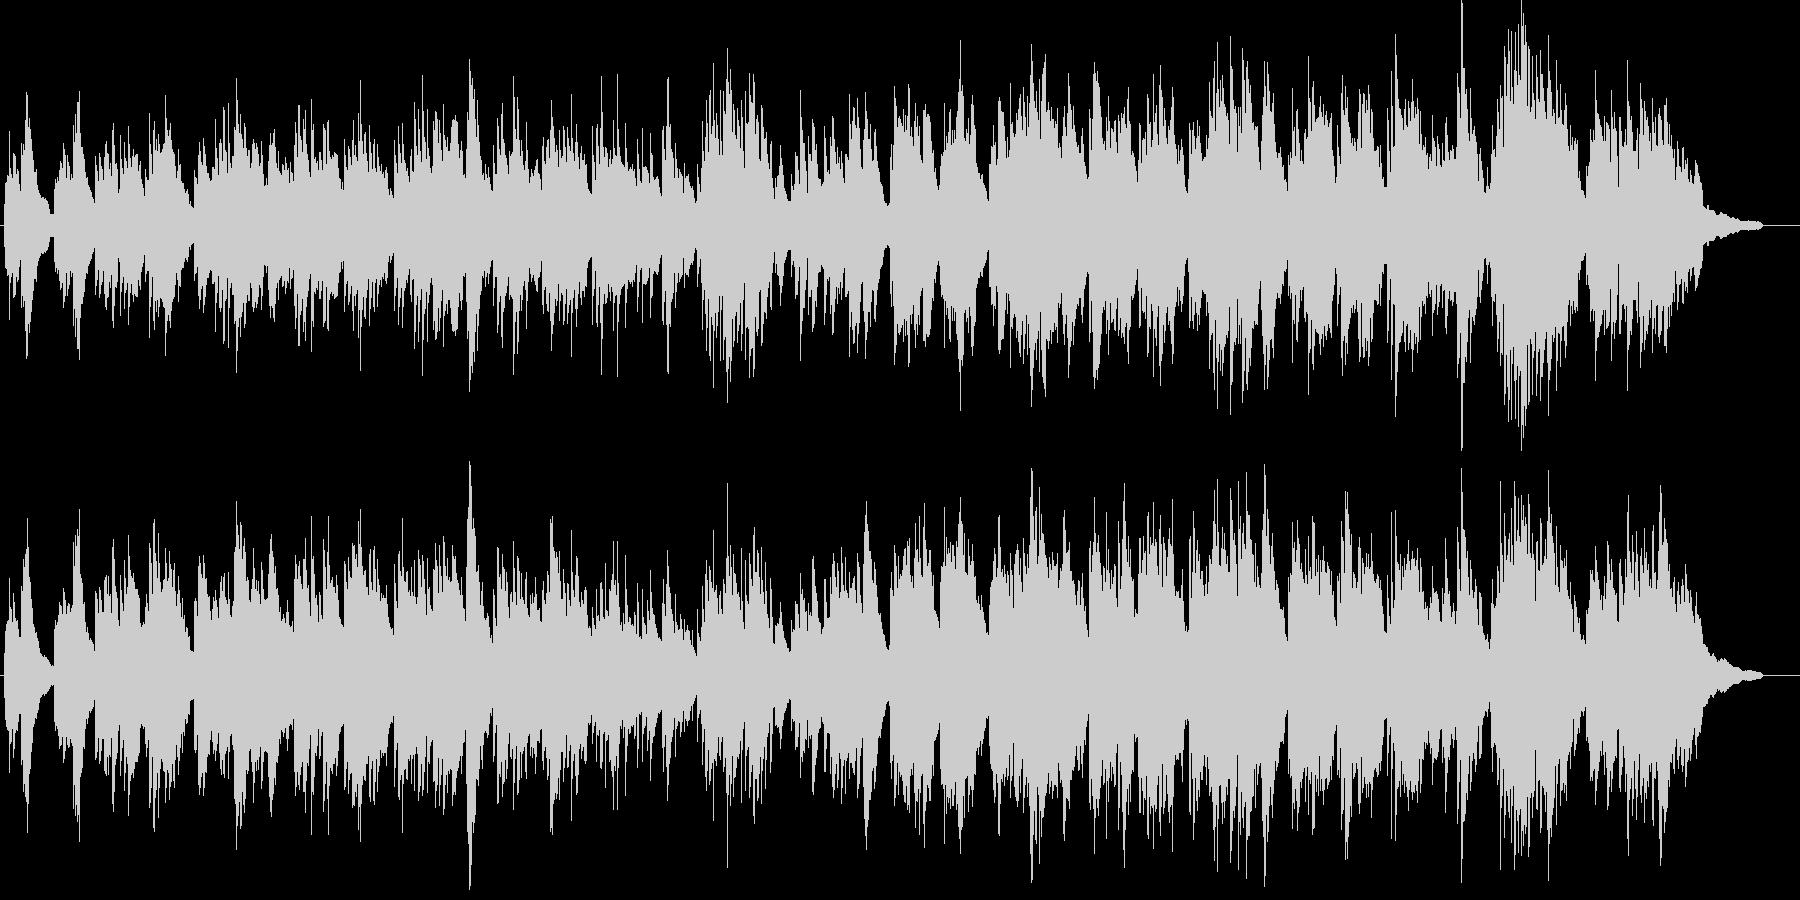 神話・ファンタジーなケルトハープと笛の未再生の波形